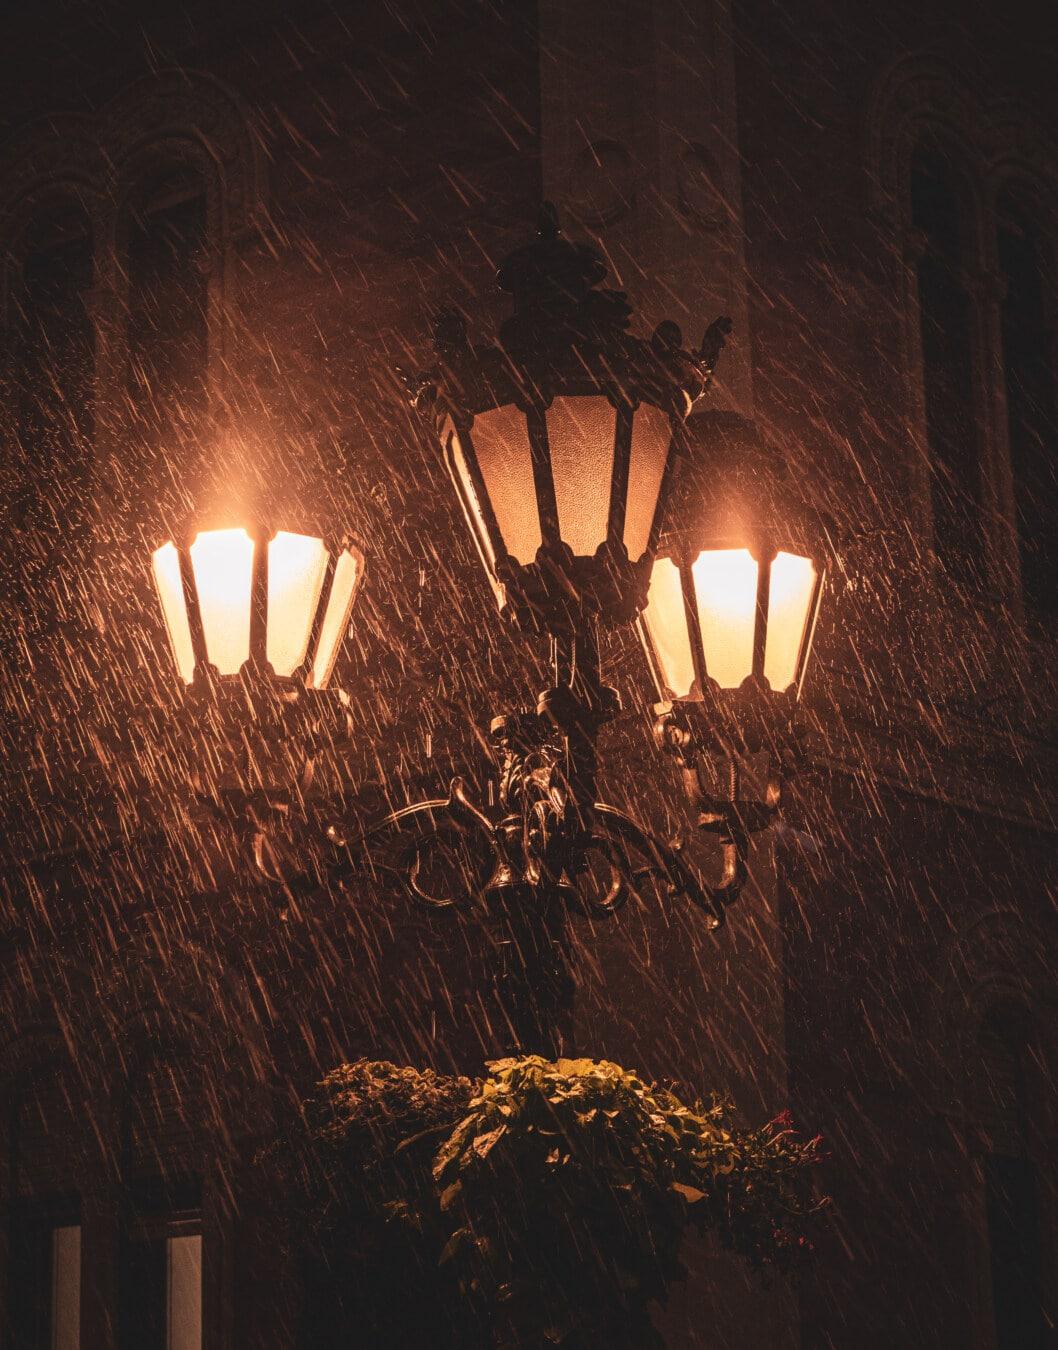 pluie, mauvais temps, nuit, style ancien, vintage, lanterne, fer de fonte, lampe, rue, silhouette